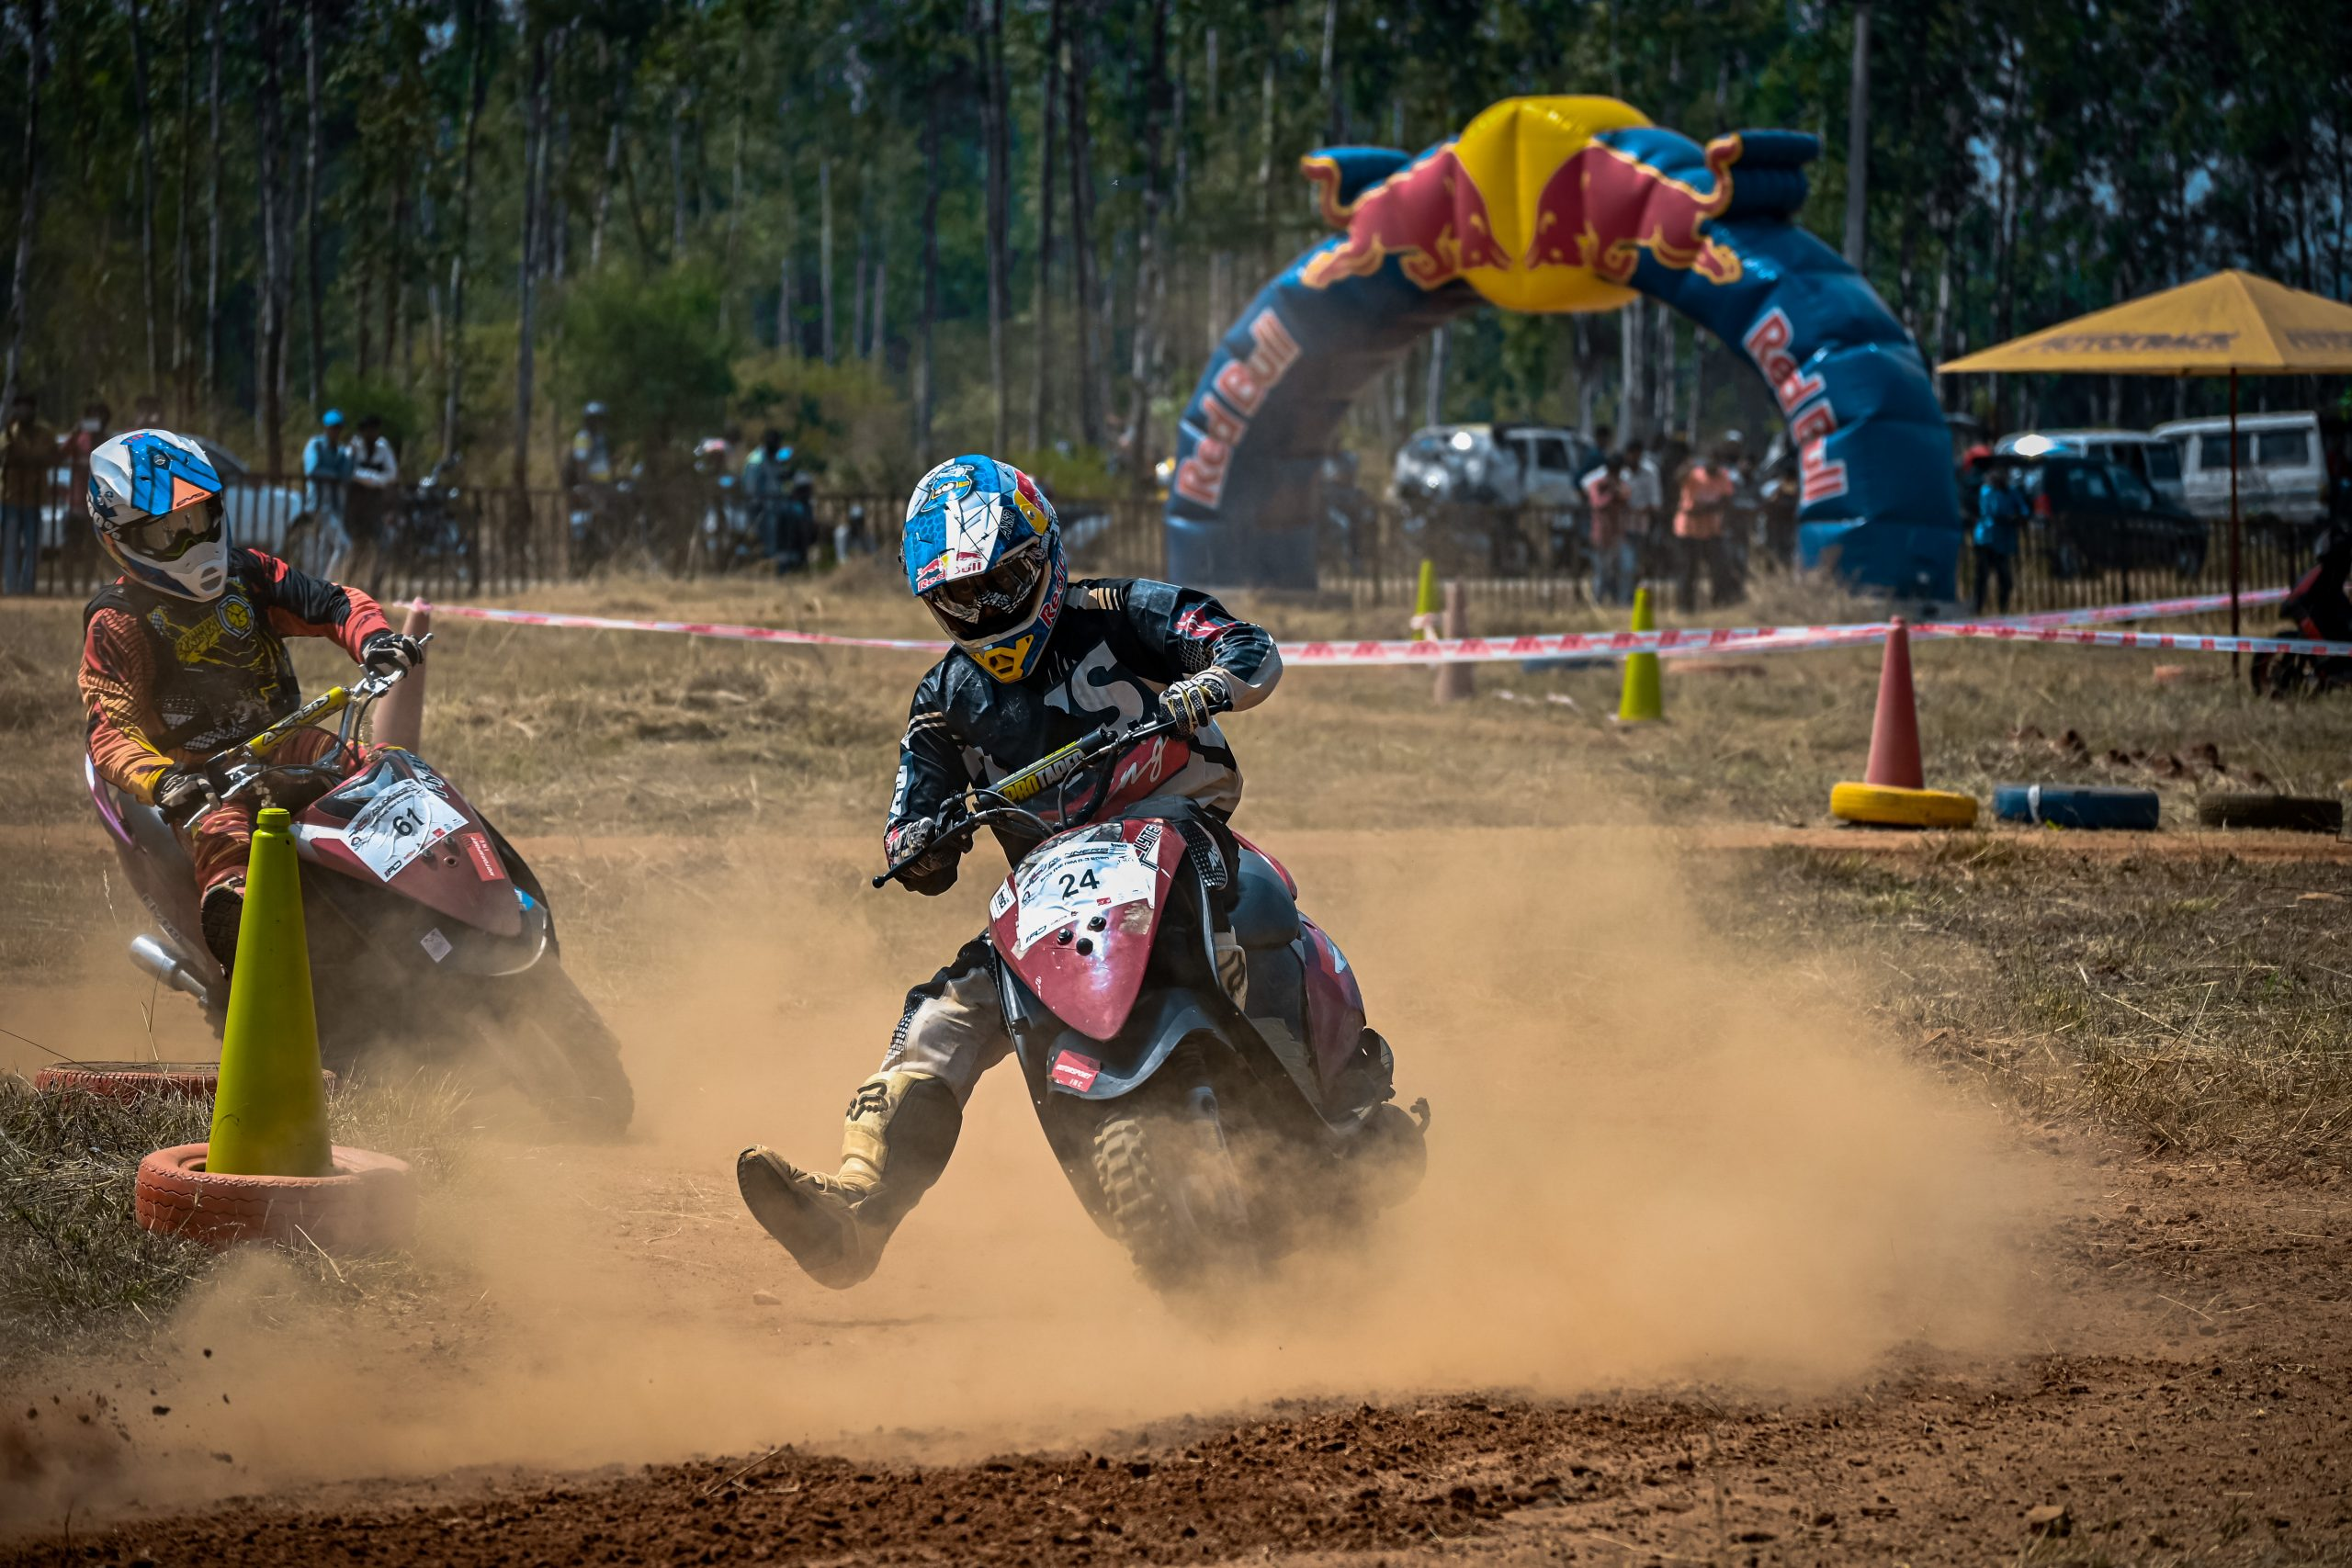 Bike racing in dirt road